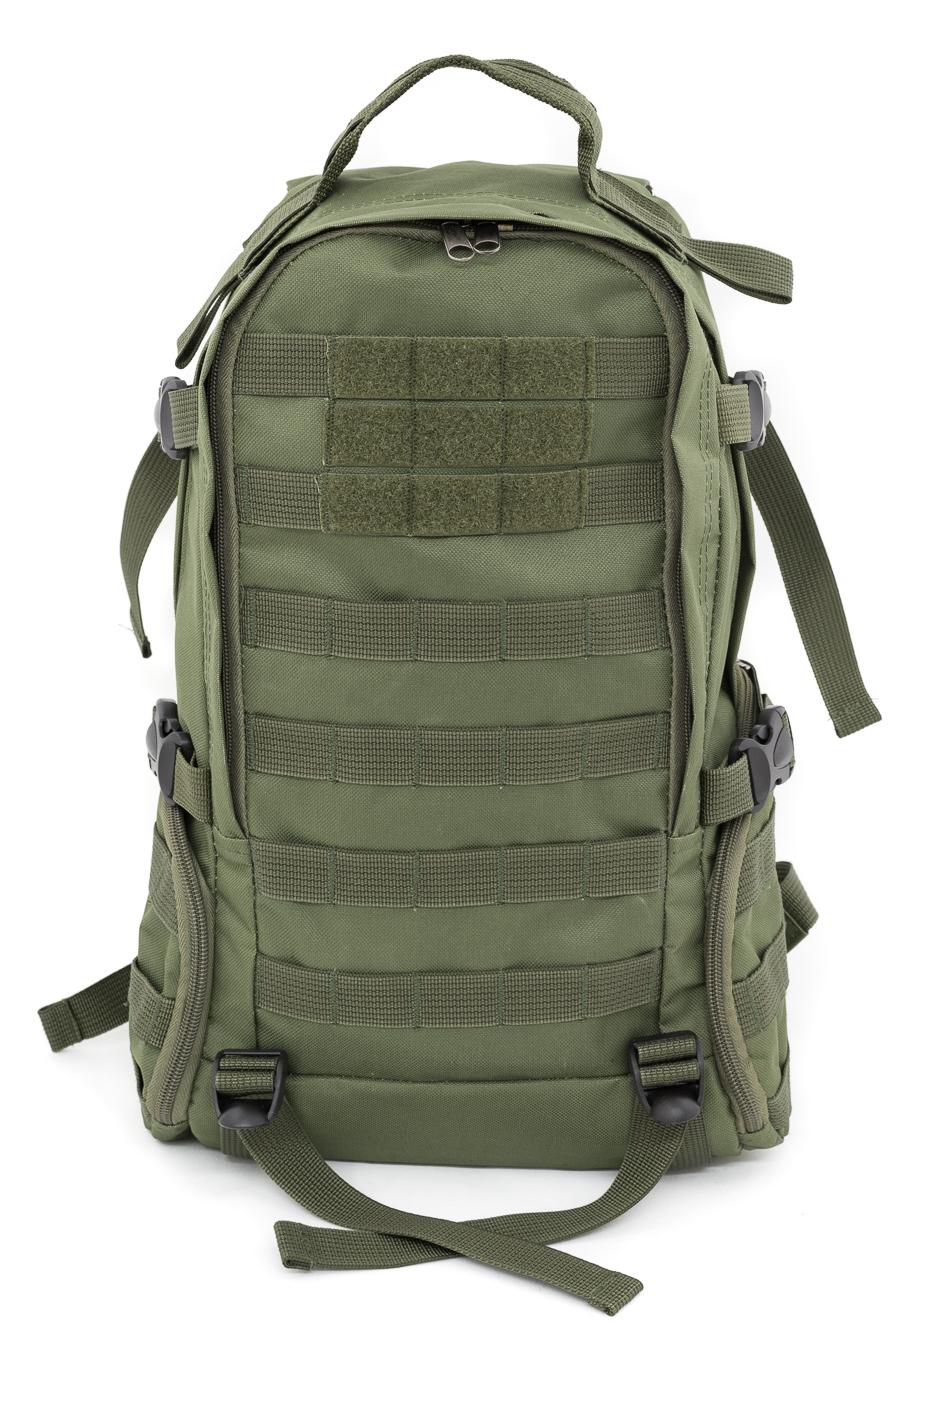 Пошив рюкзаков армейских неоновые рюкзаки на новый год